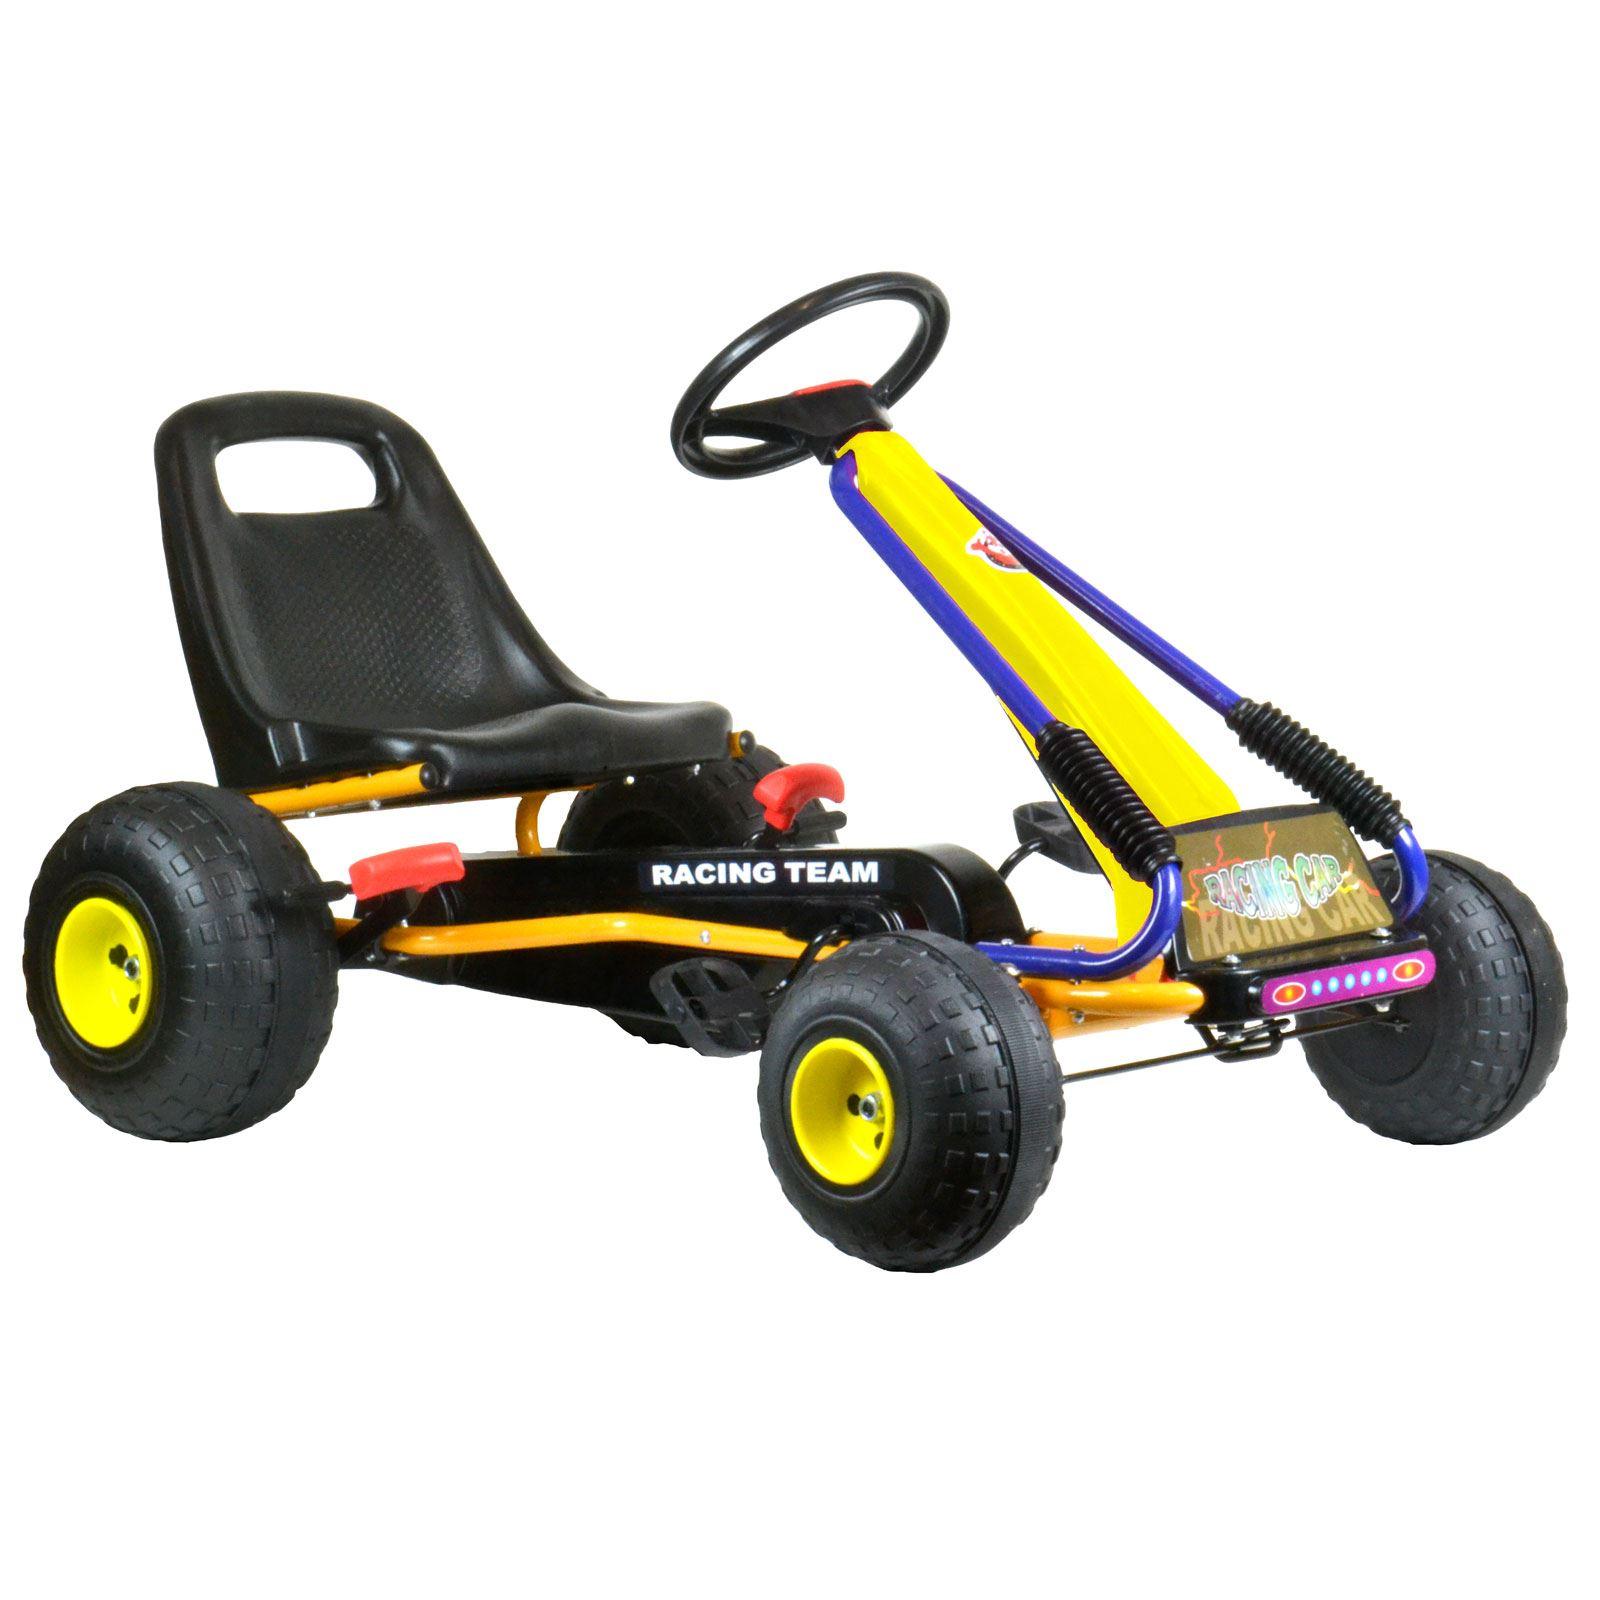 kinder pedal go kart wagen mit oversize rad handbremse. Black Bedroom Furniture Sets. Home Design Ideas